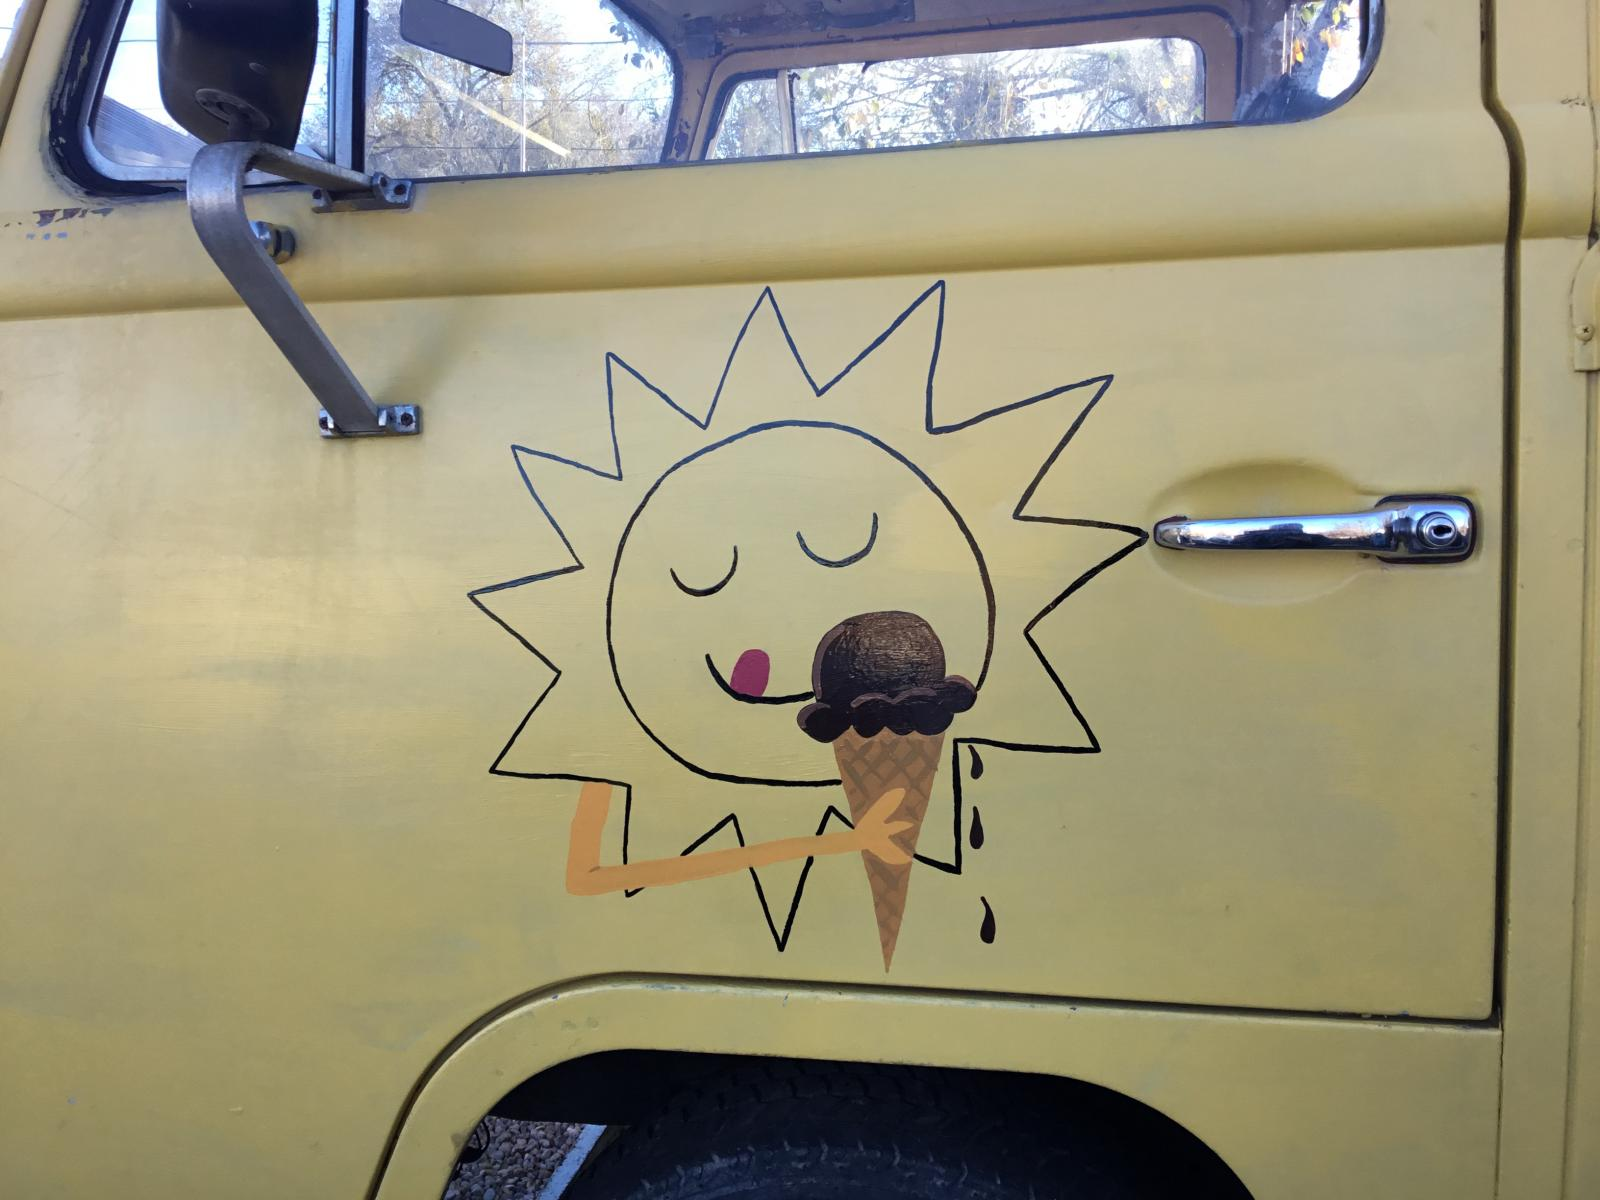 New art on old ice cream bus